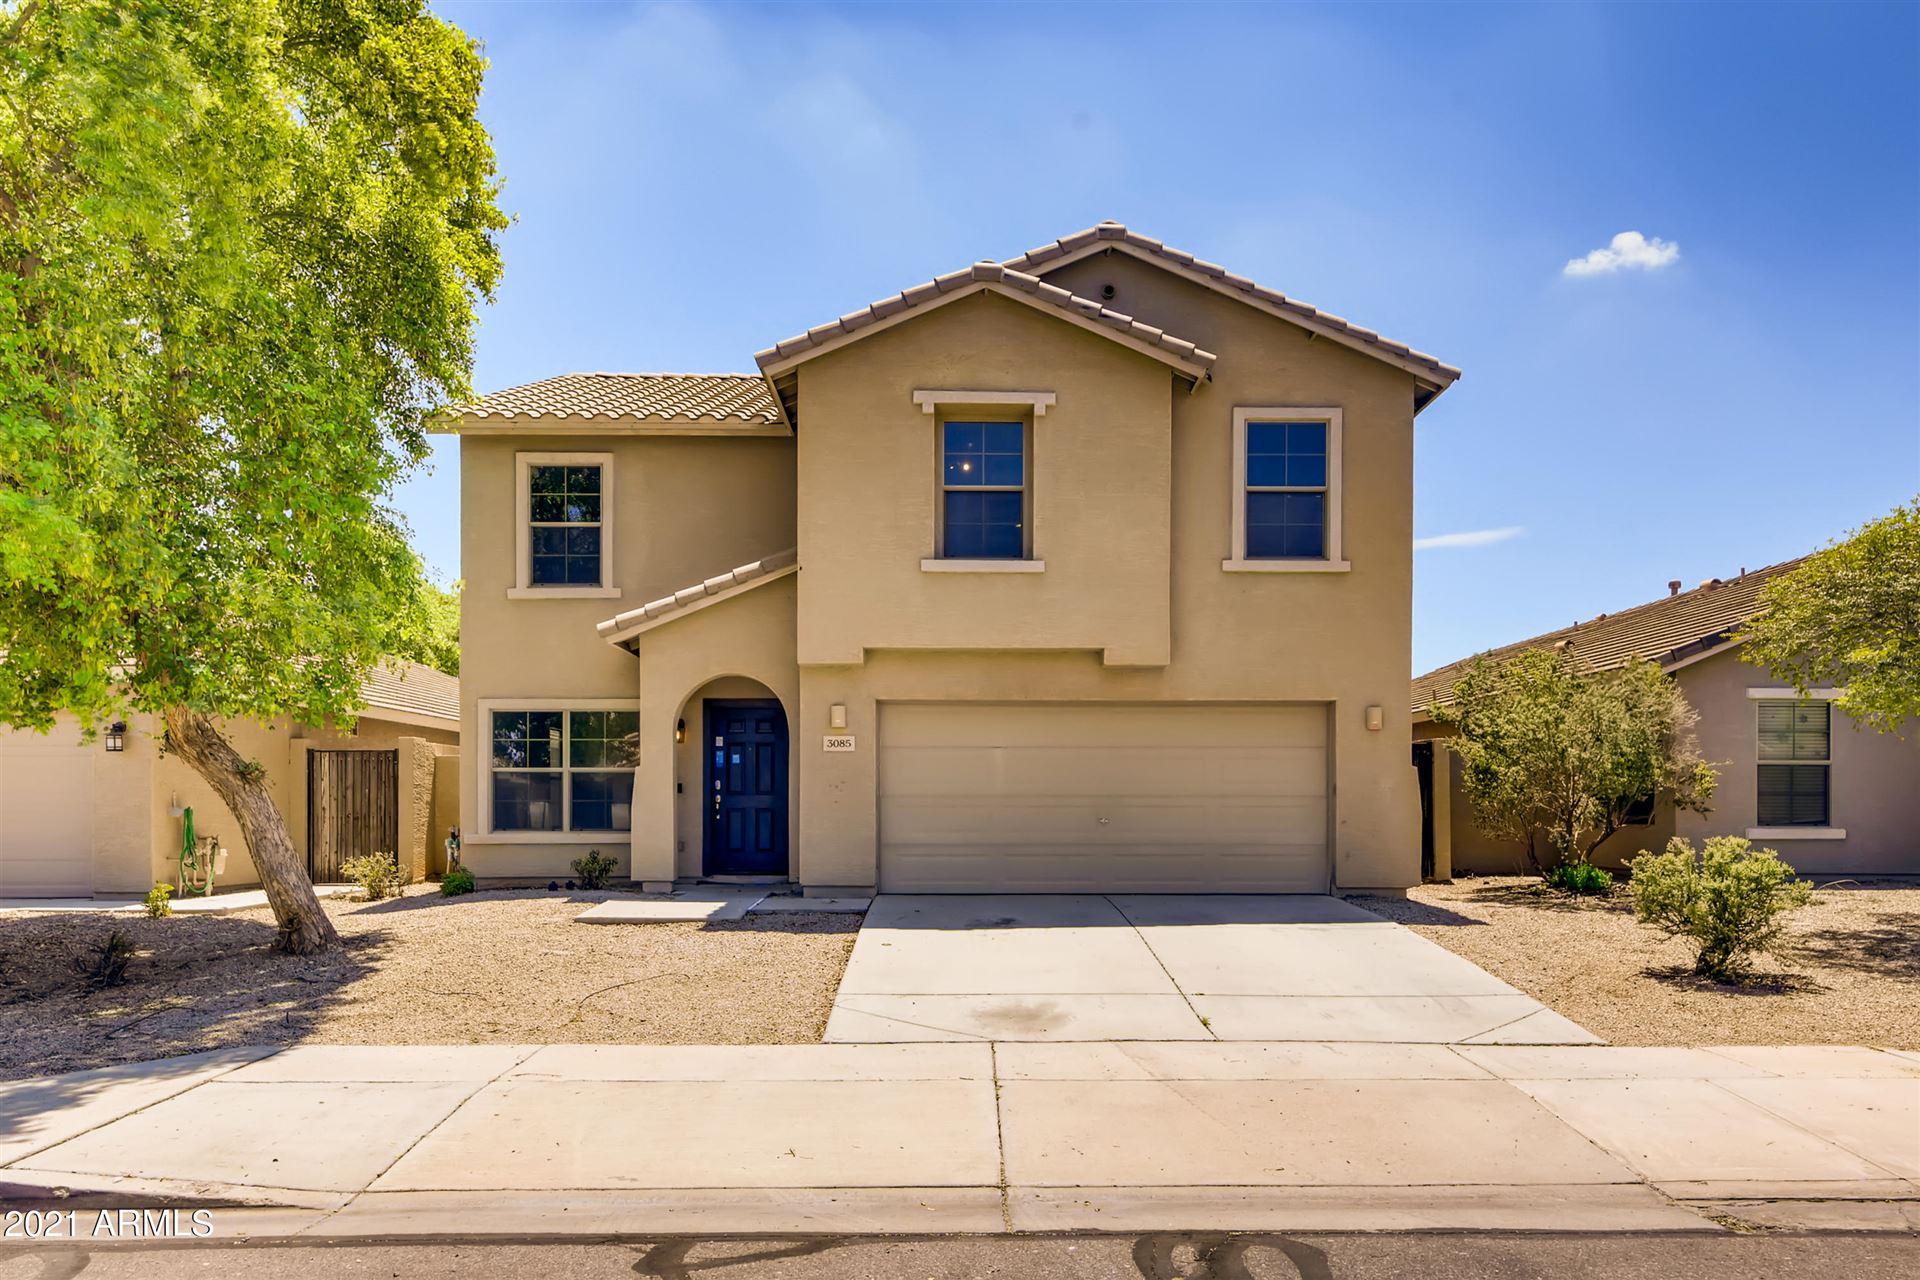 3085 W HAYDEN PEAK Drive, Queen Creek, AZ 85142 - MLS#: 6267292